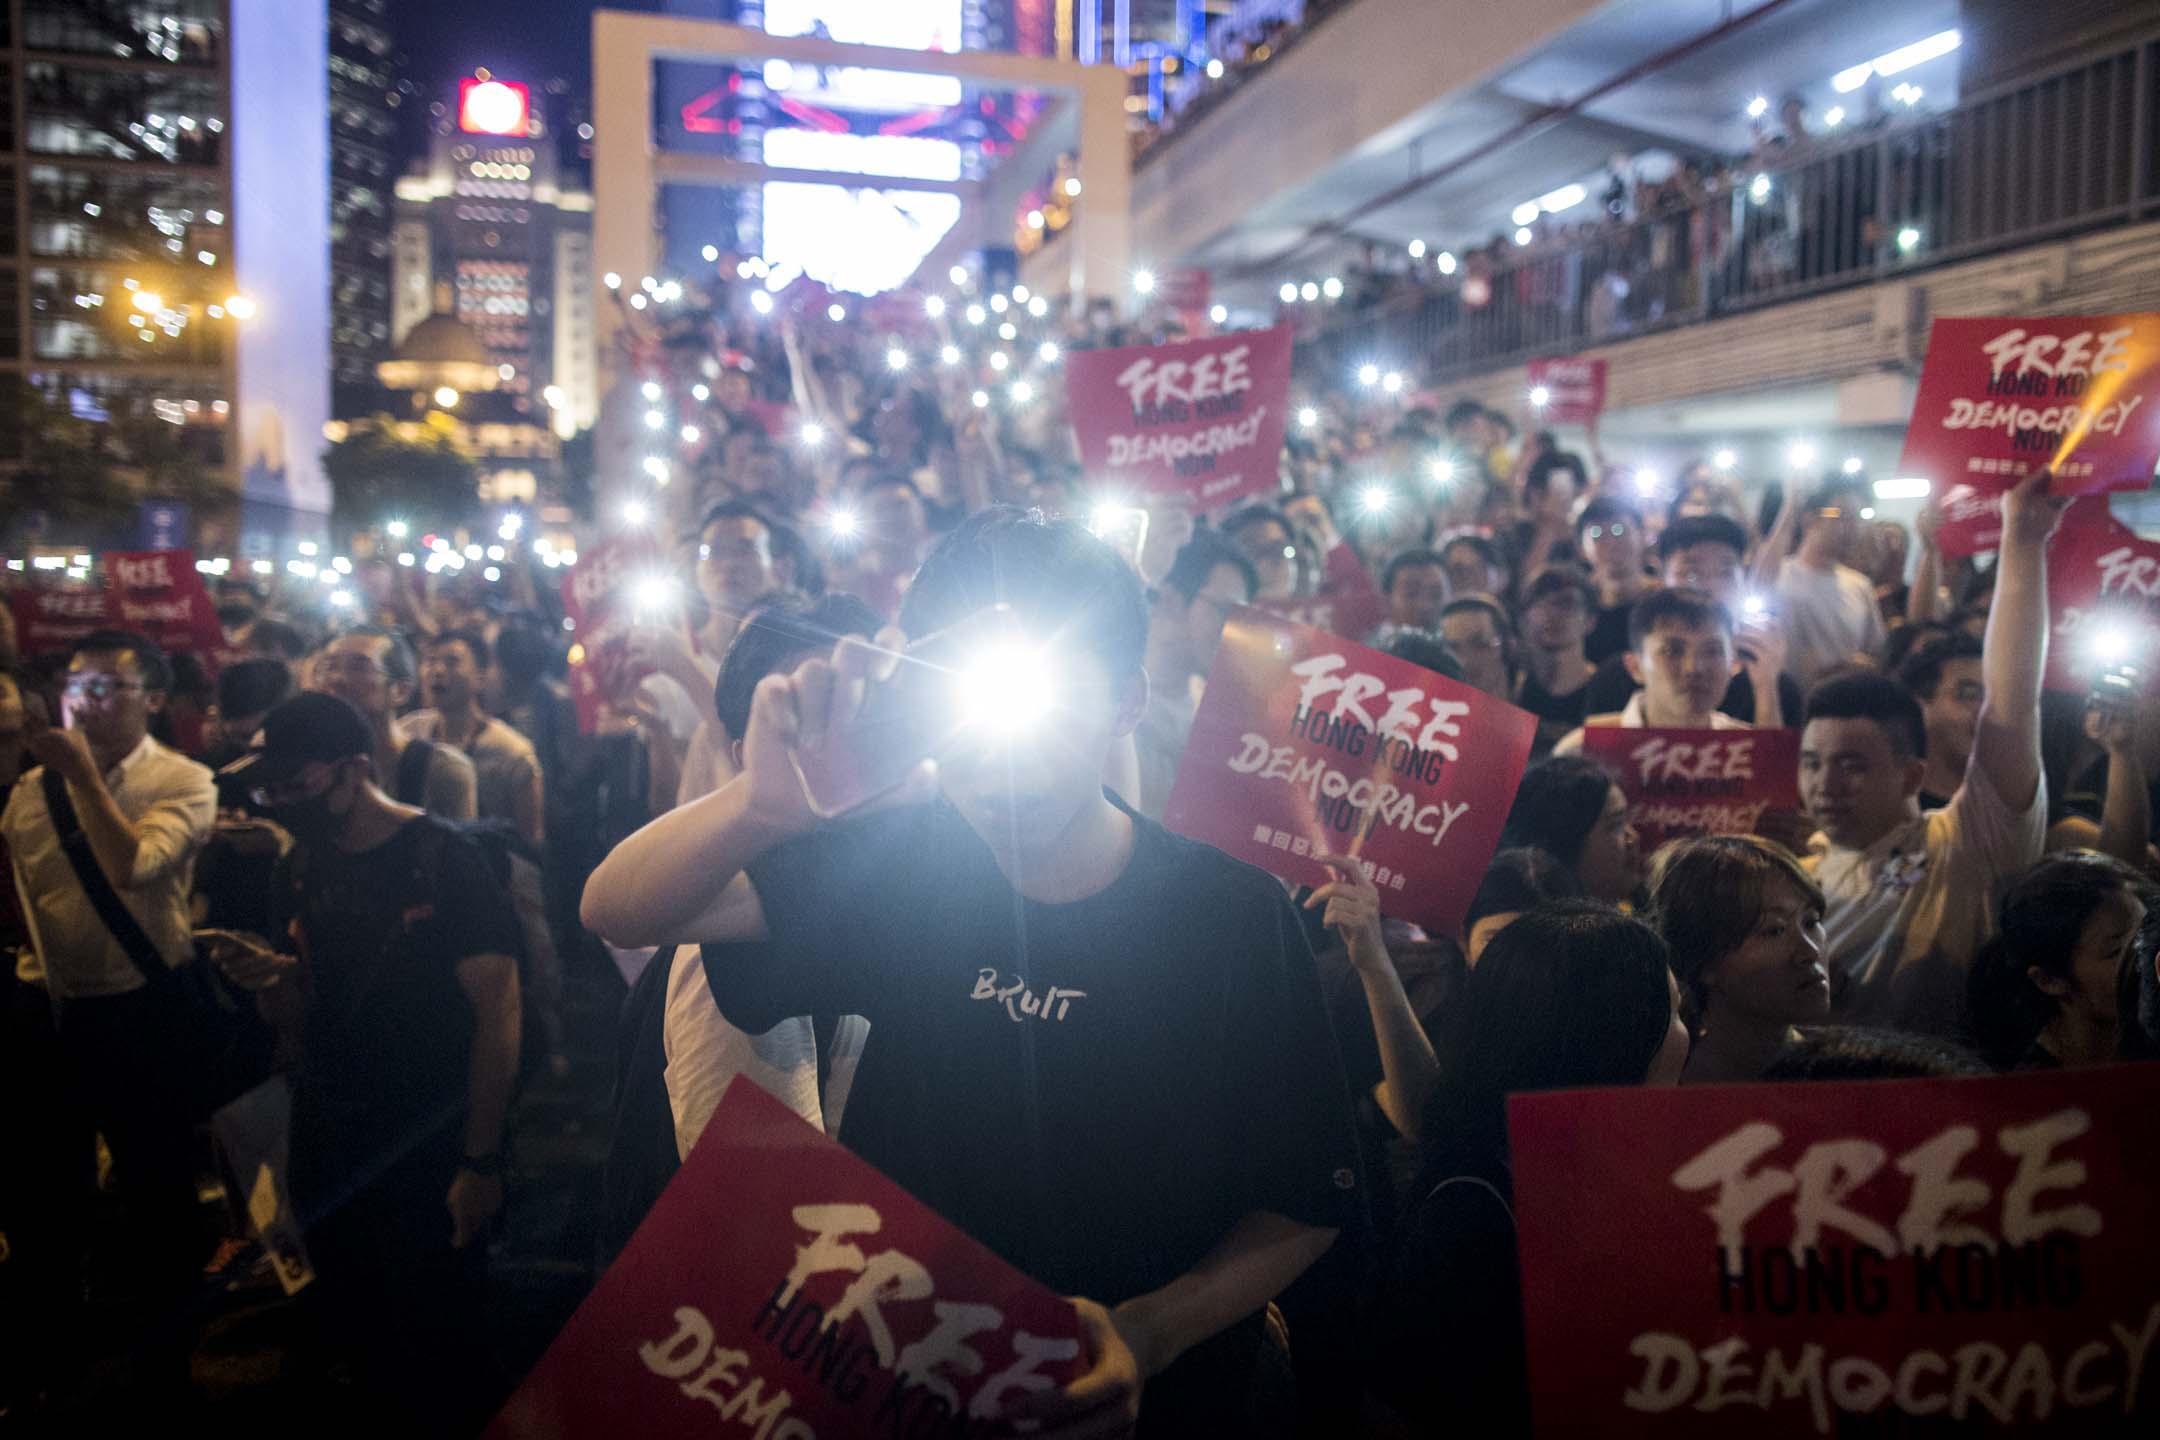 2019年6月26日,民陣在中環愛丁堡廣場舉行「G20 Free Hong Kong Democracy Now」集會。 攝:林振東/端傳媒